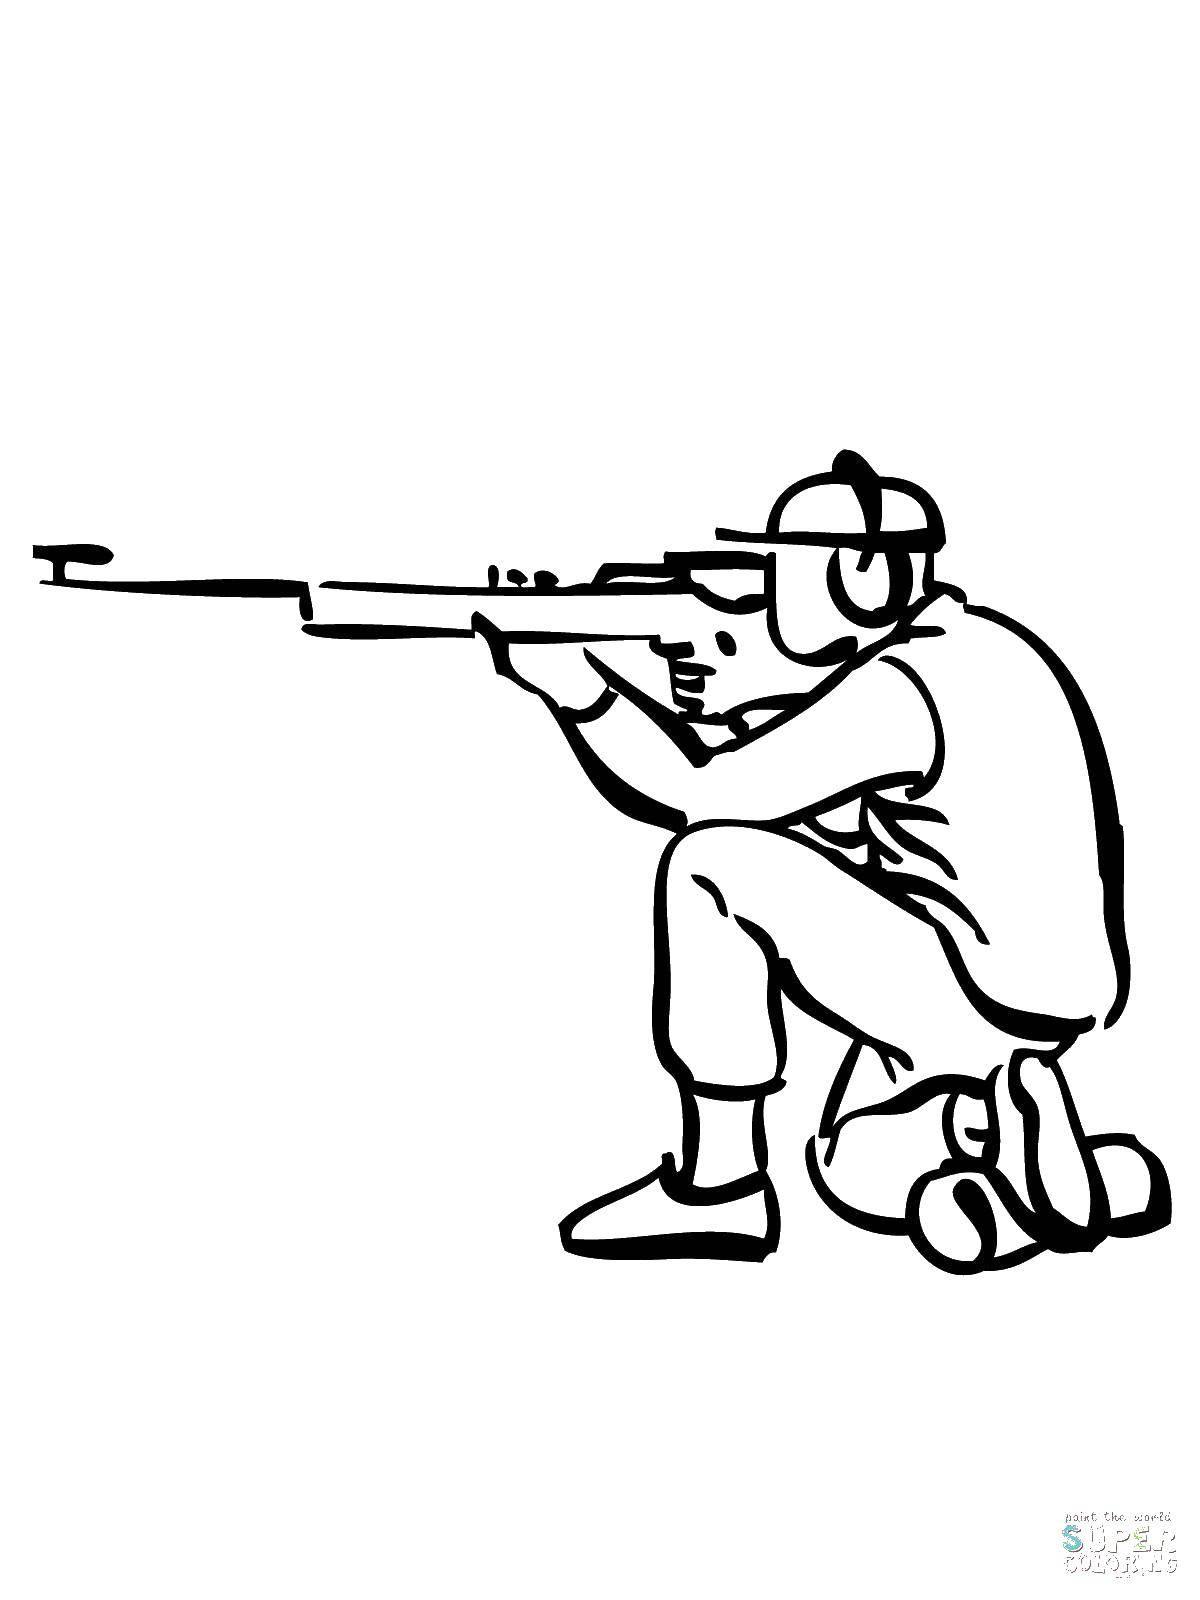 Раскраска Снайпер. Скачать снайпер, винтовка.  Распечатать ,военные раскраски,